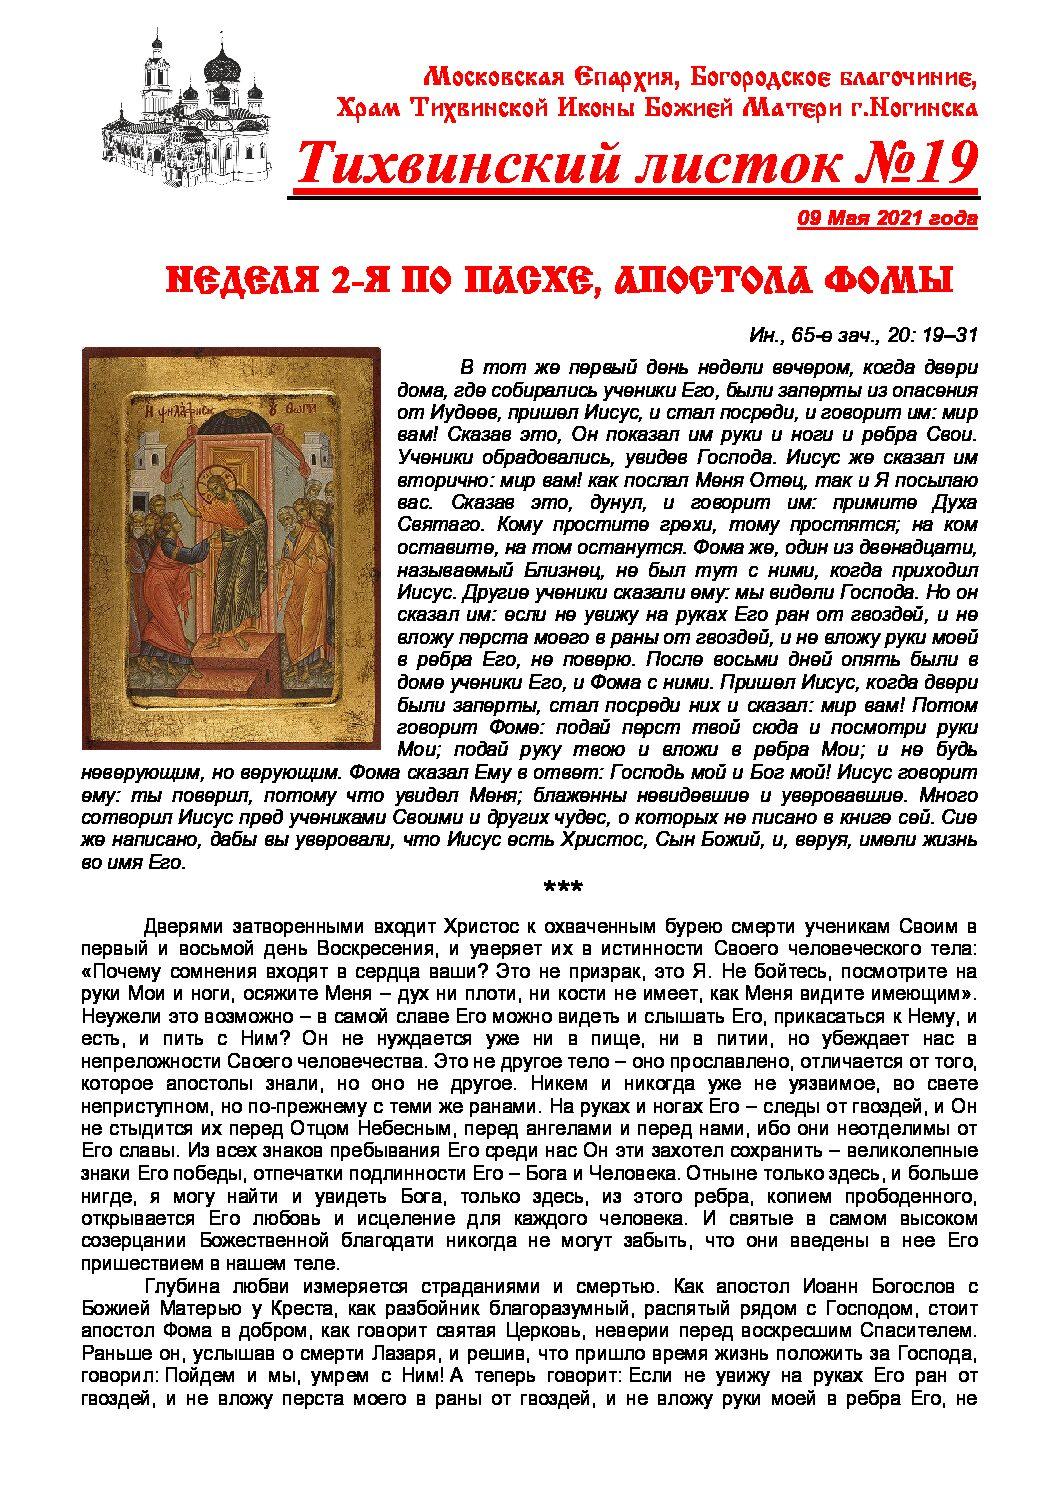 Тихвинский листок №19